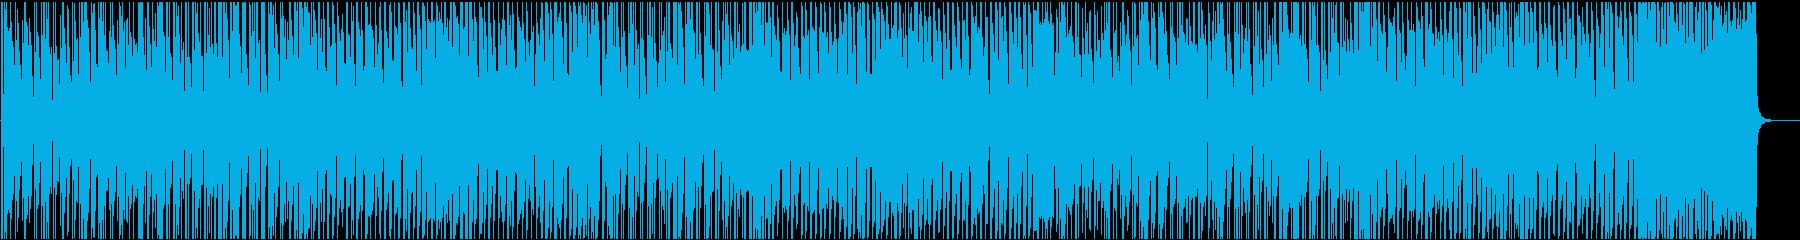 かけっこ楽しいなの再生済みの波形